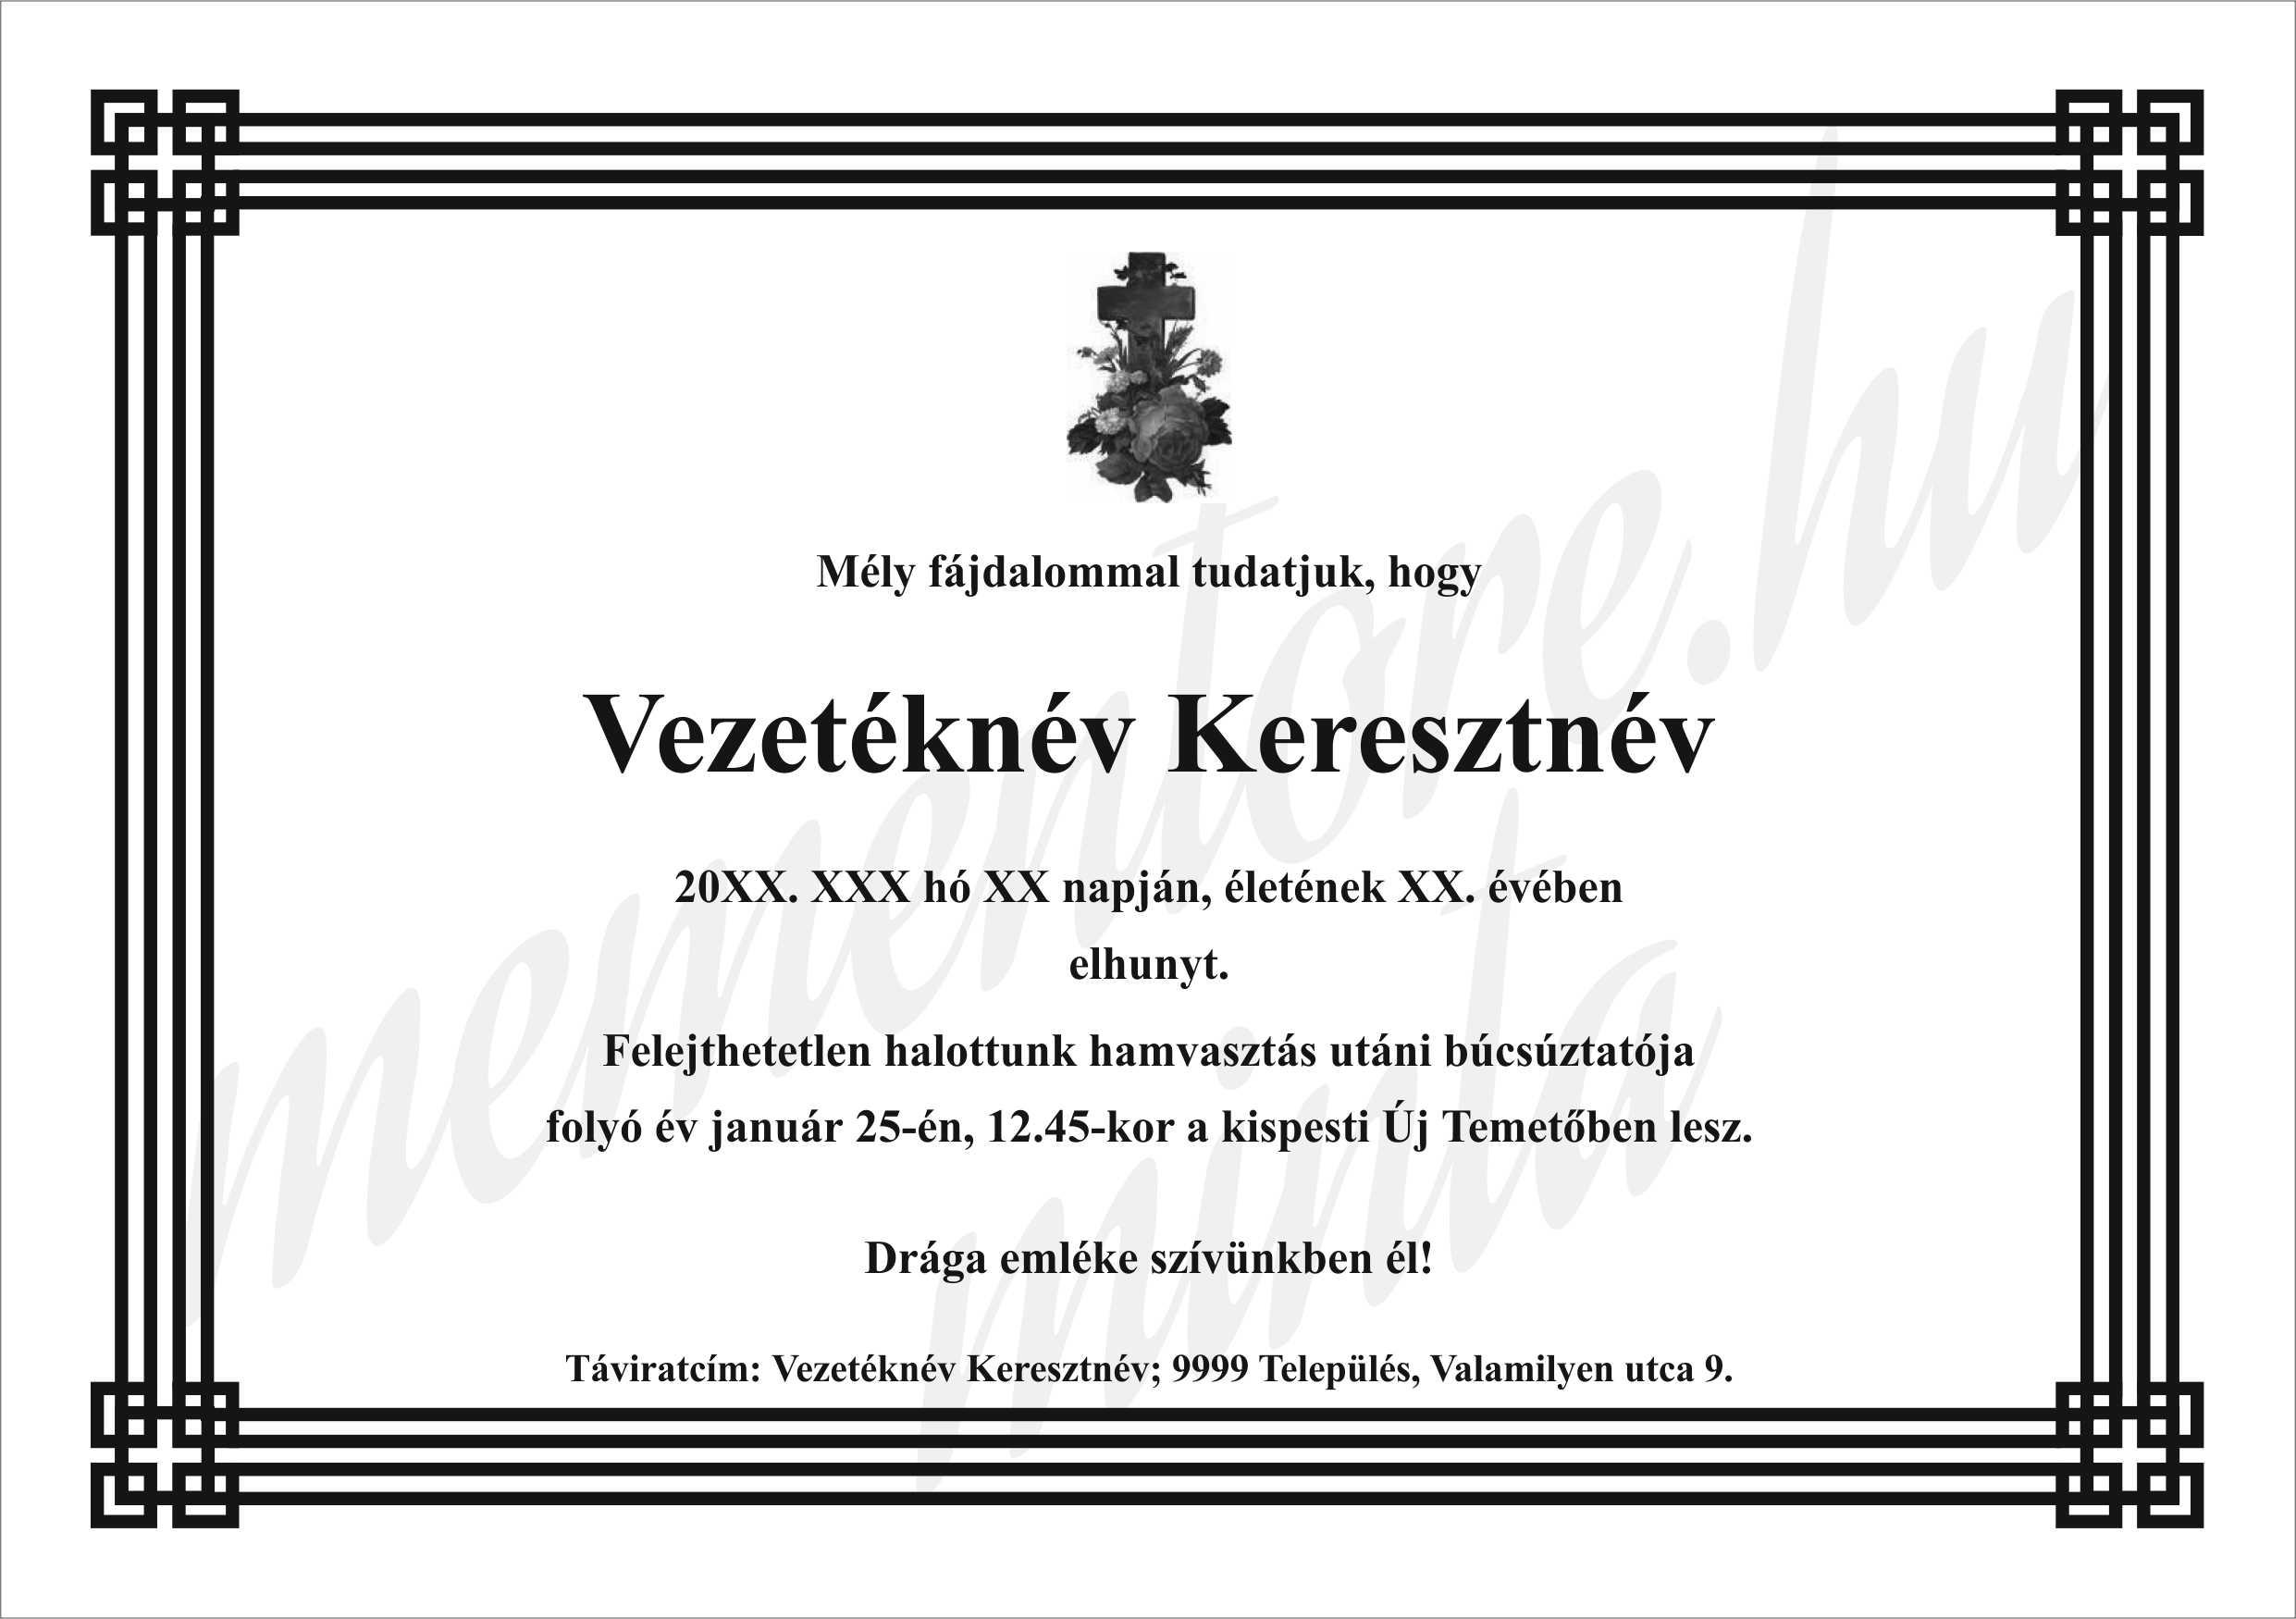 Gyaszertesito_A5025_geometrikuskeret_virágos_kereszt